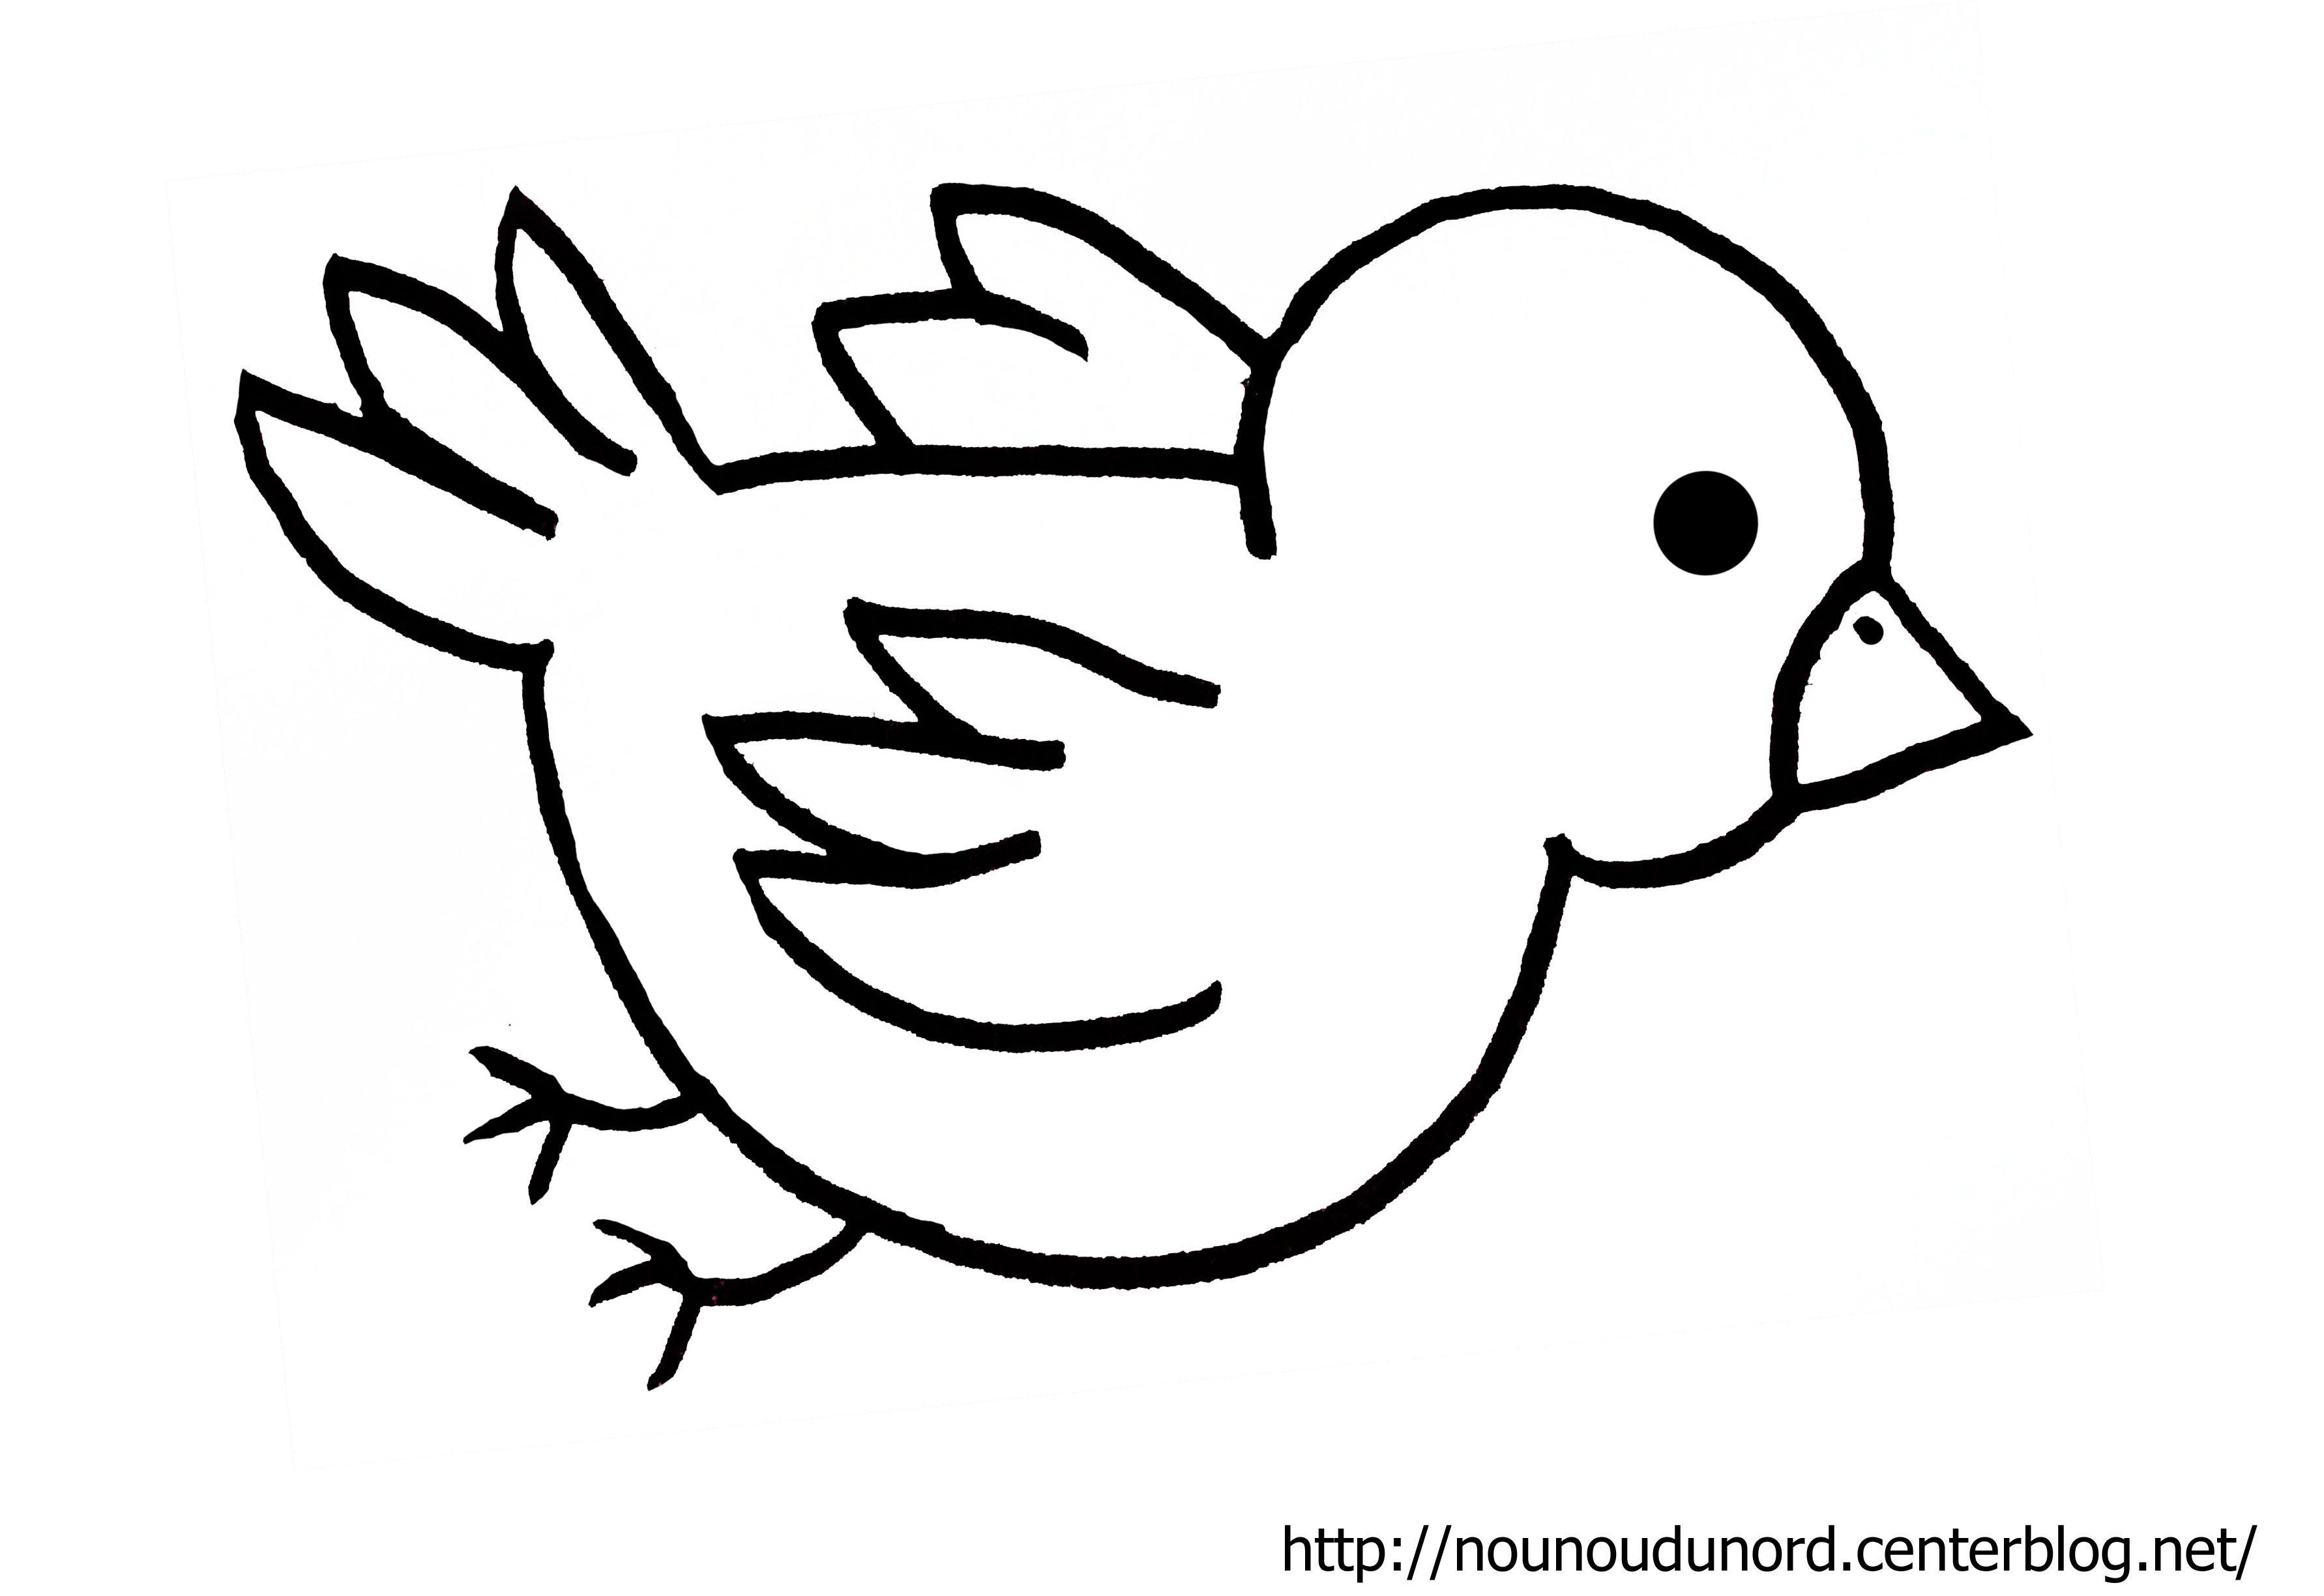 Coloriage oiseau réalisé par nounoudunord Imprimer le coloriage grand format en fichier PDF cliquez ouenregistrez l image sur votre pc cliquez droit puis